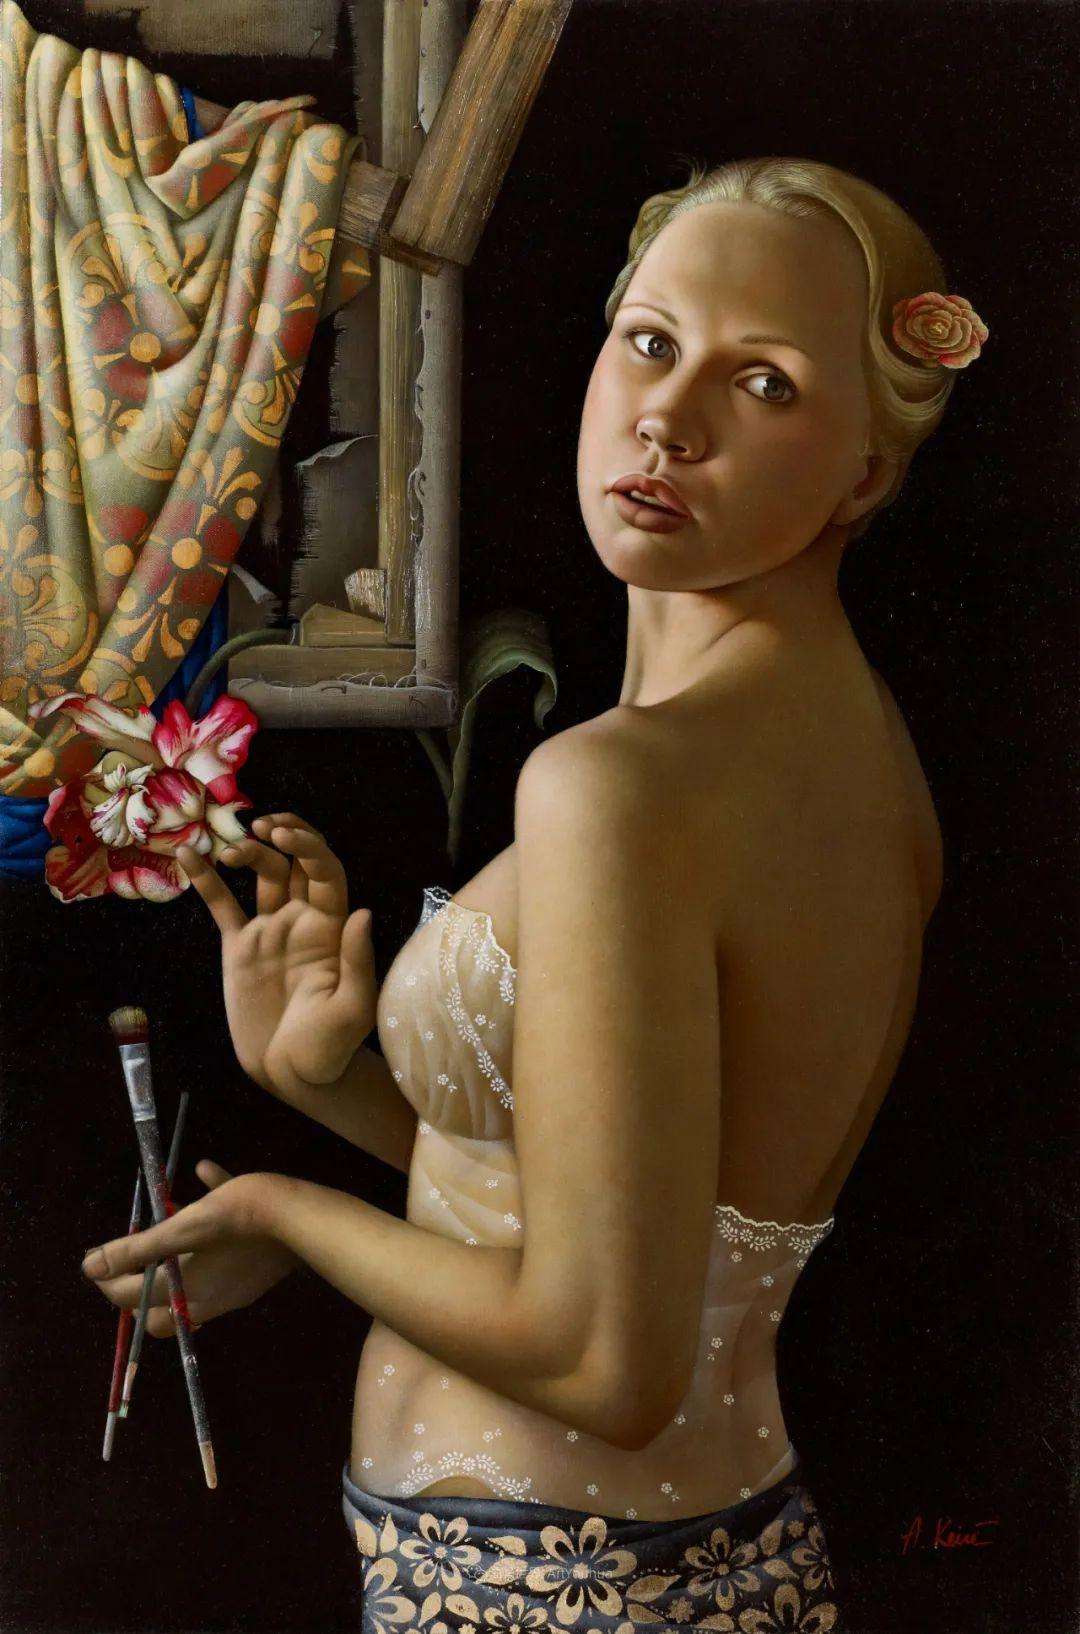 女人就像一个微妙的谜,拉脱维亚女画家阿吉塔·凯里插图13